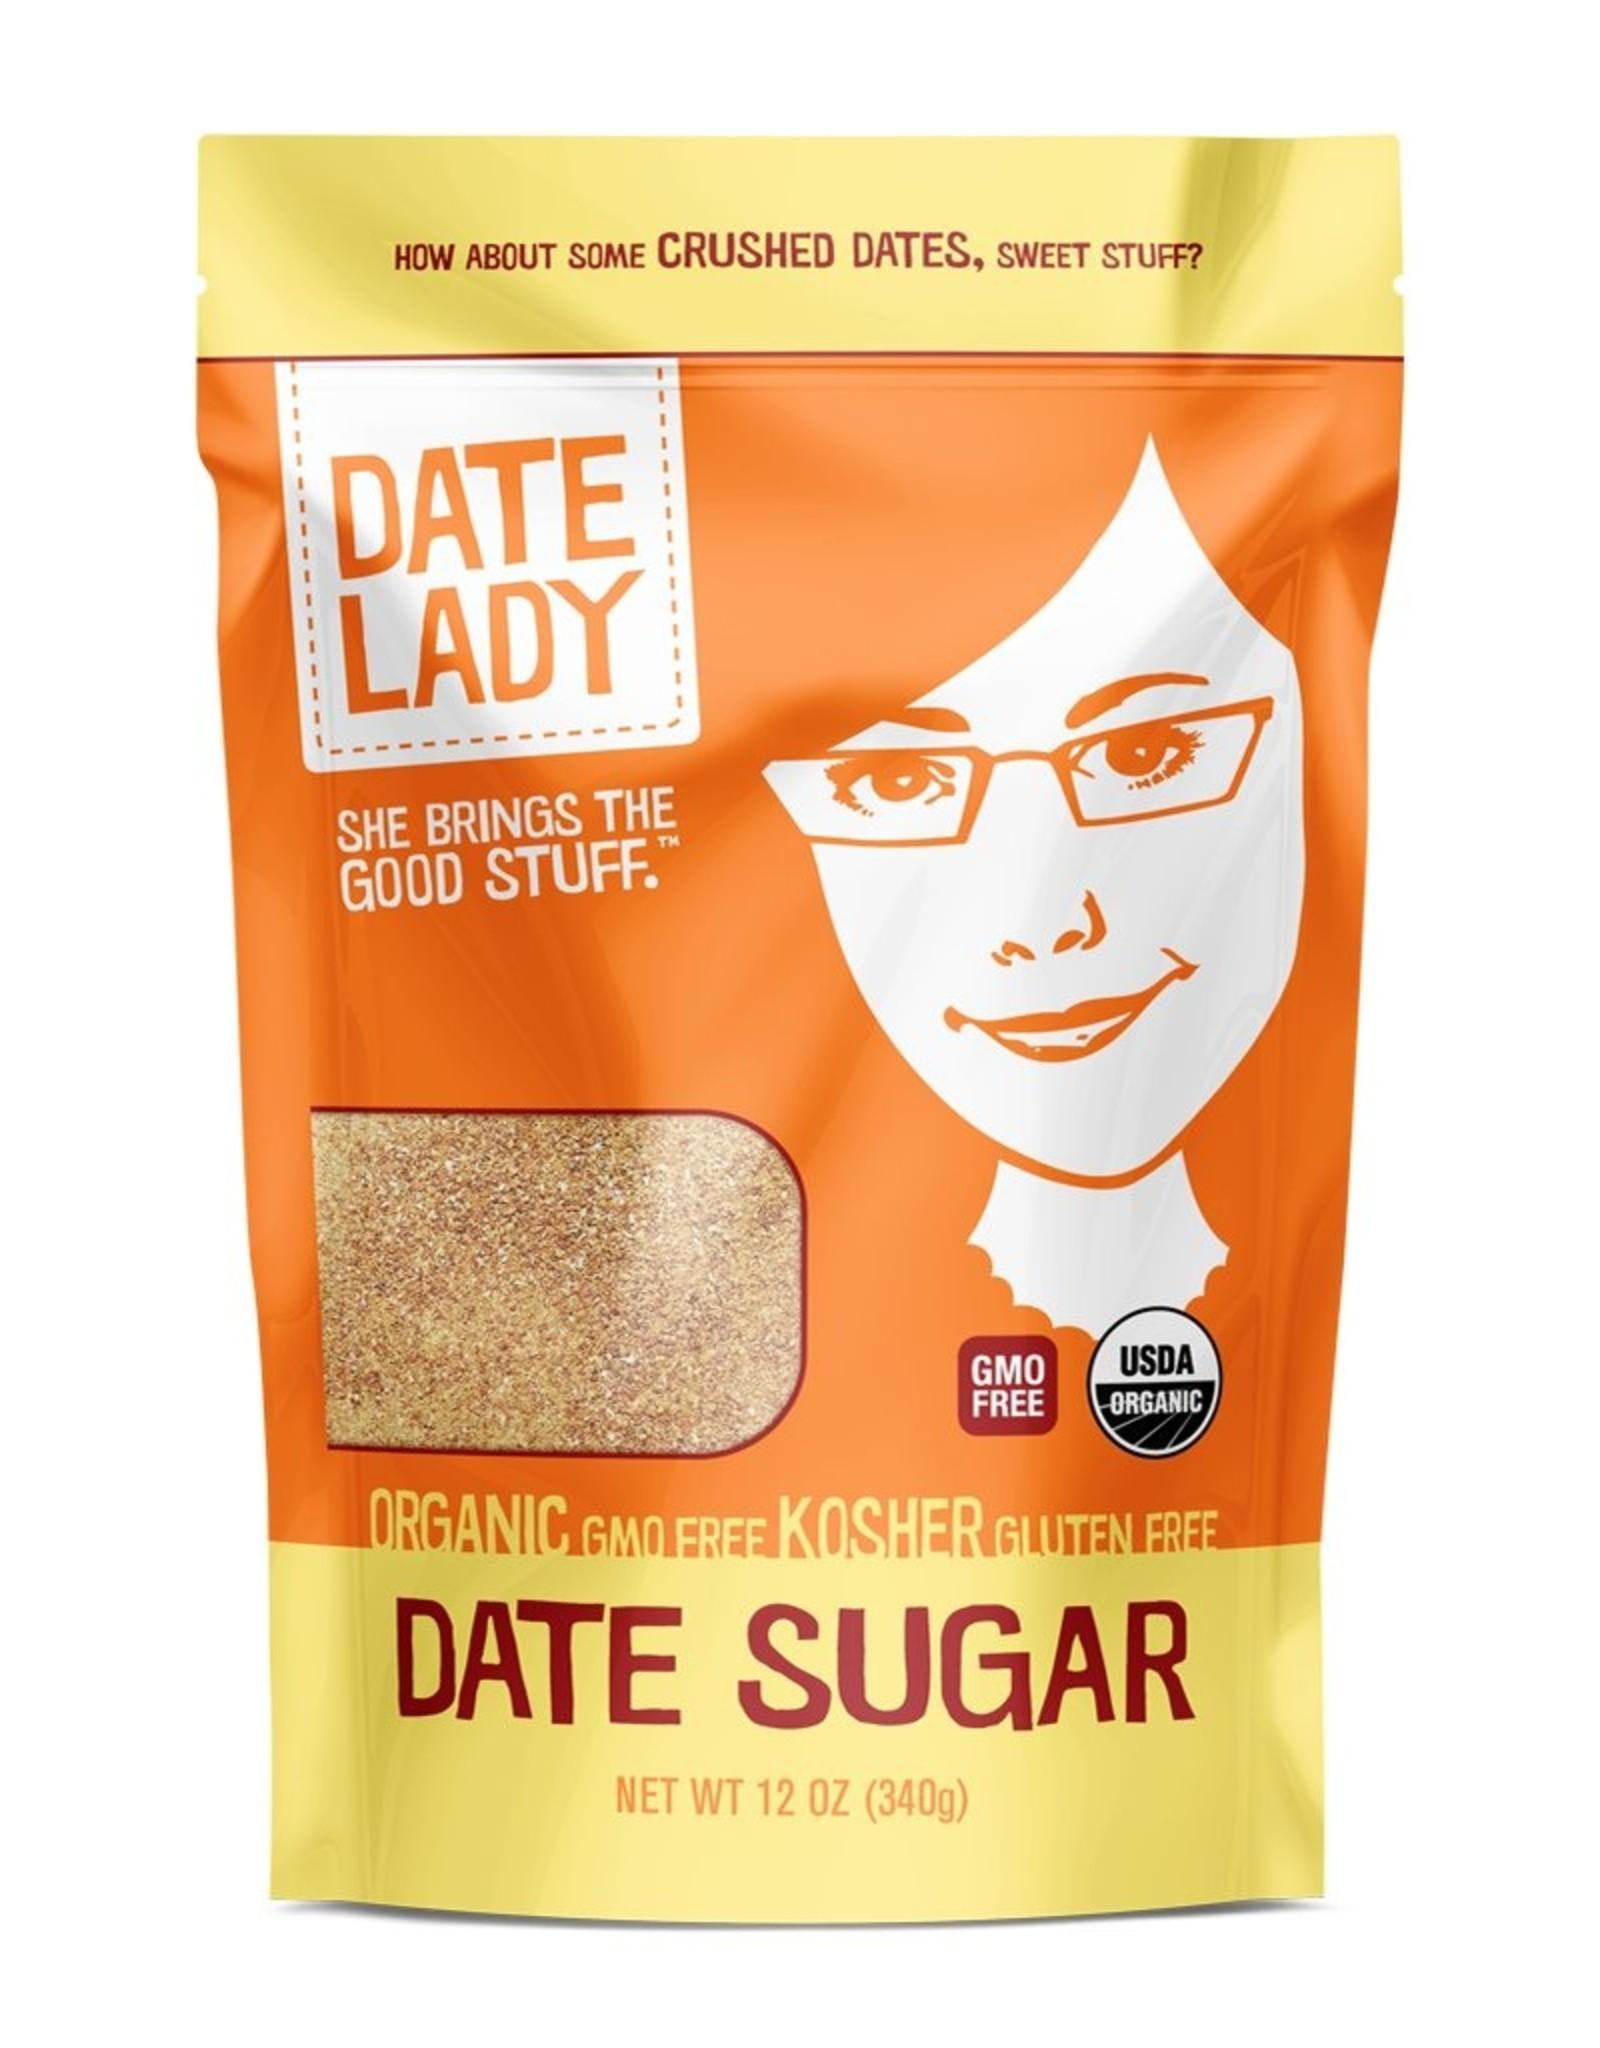 Date Lady Date Lady Date Sugar